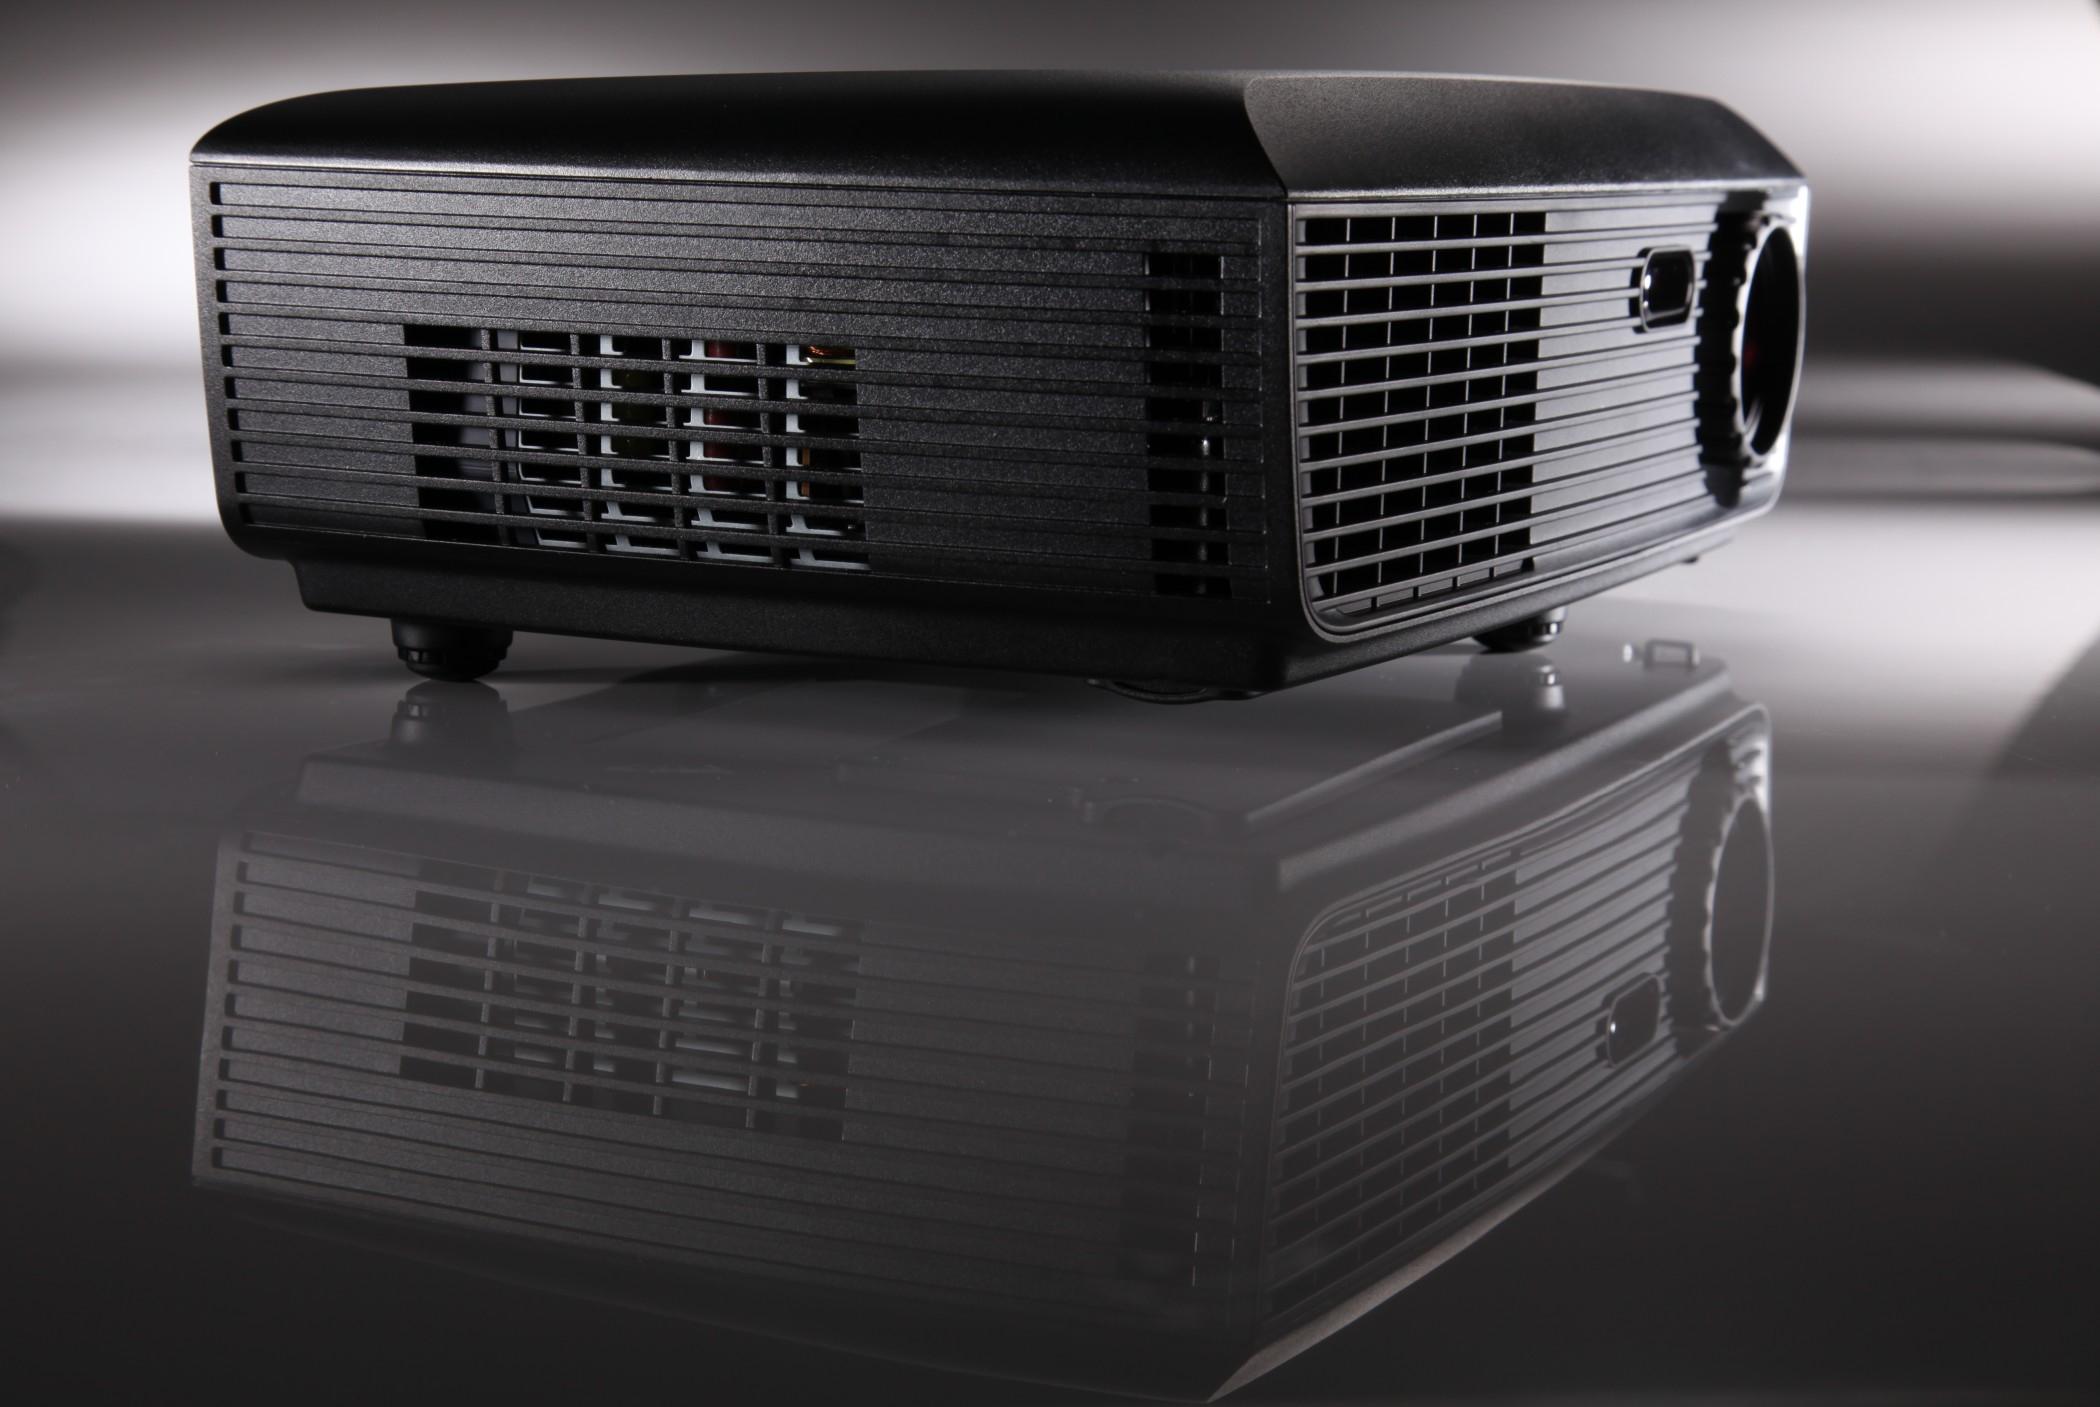 DELL 1210S Proiettore desktop 2500ANSI lumen DLP SVGA (800x600) Compatibilità 3D Nero videoproiettore